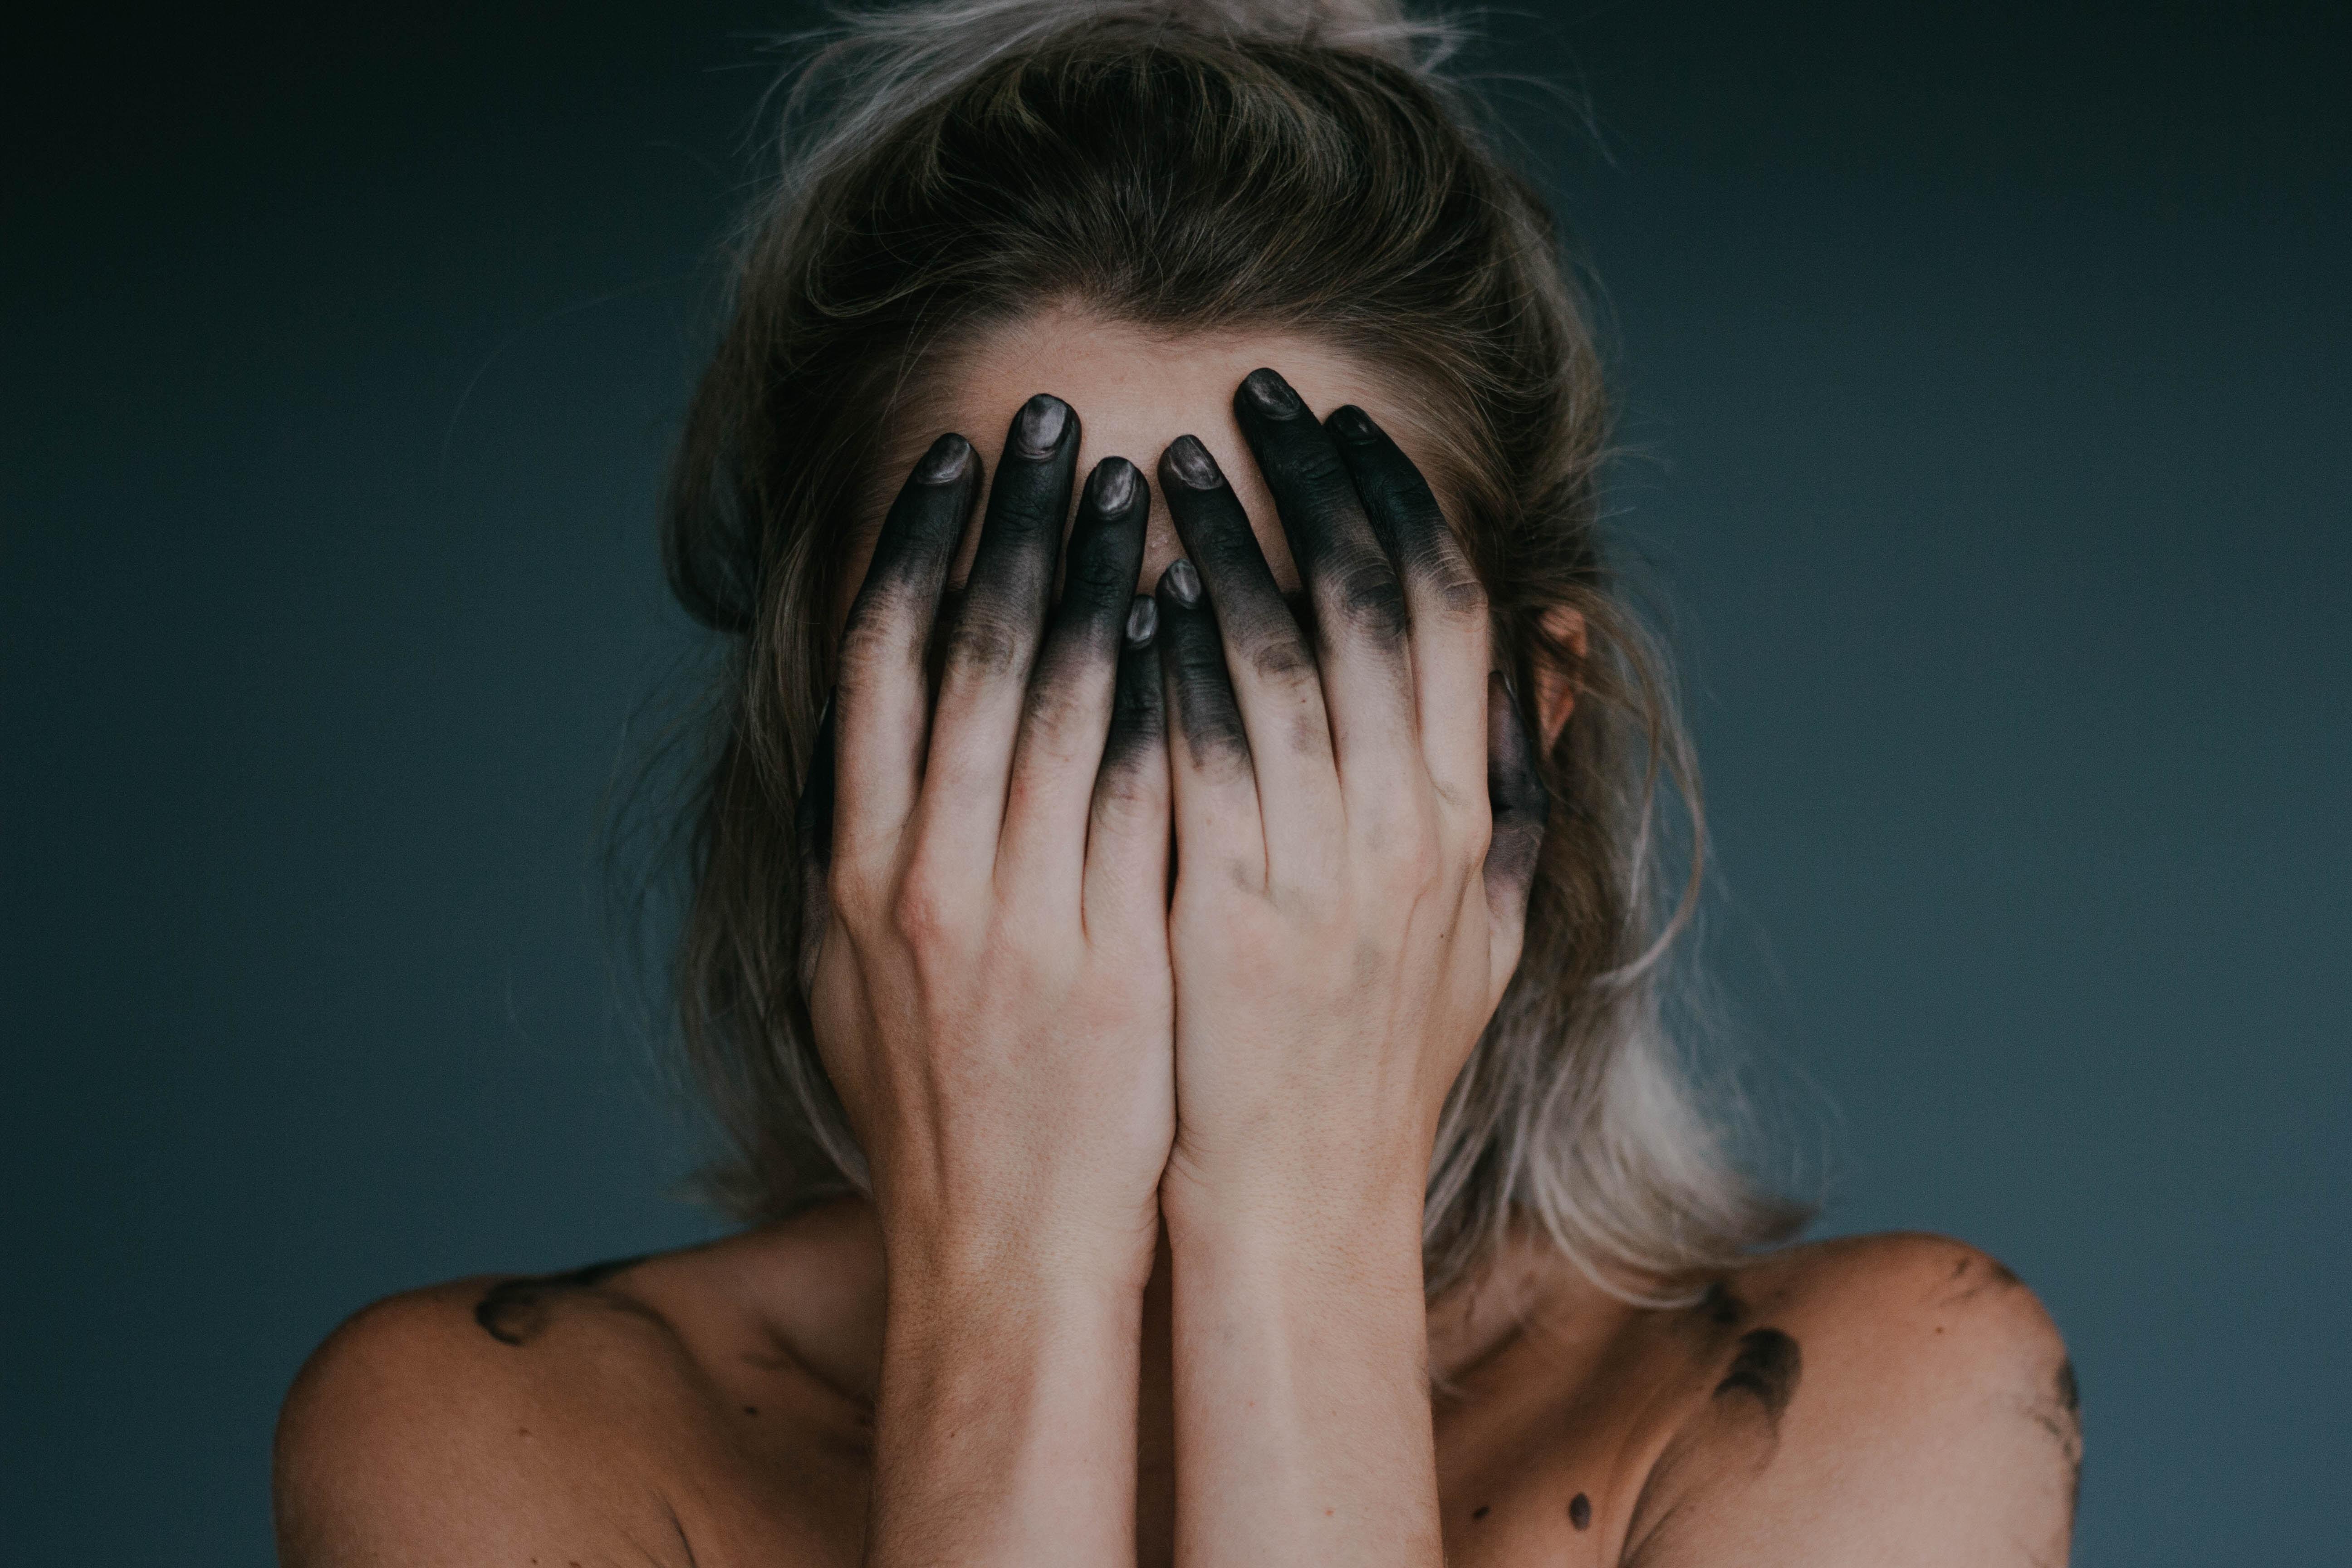 Depresión Salud Mental Triste Melancolía